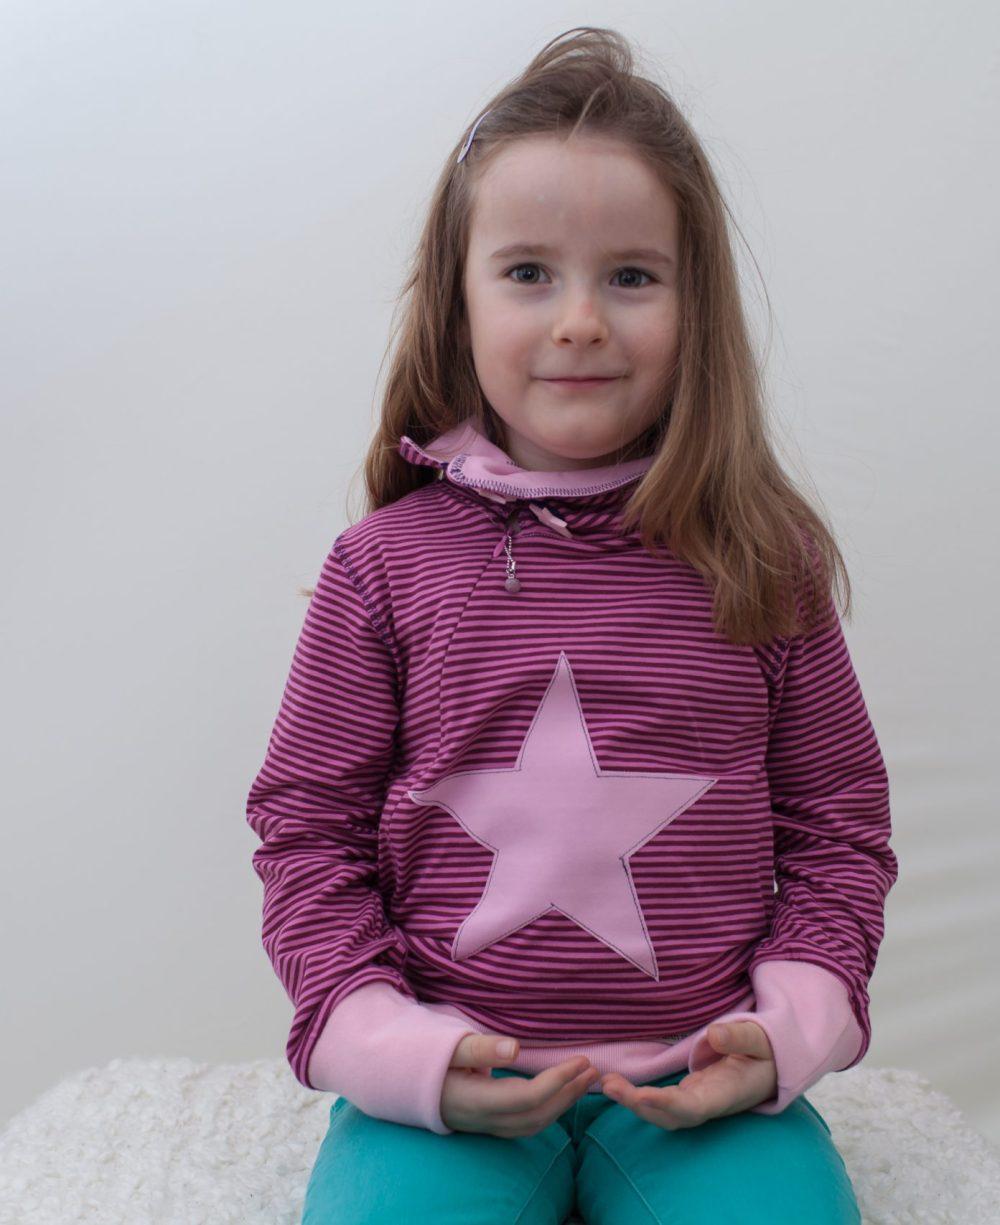 rosa-Sternschnuppe-kids-mädchen-sweater-für-dialysepatienten-mit-individuellem-reißverschluss-diazipp-dialysebekleidung-made-with-love